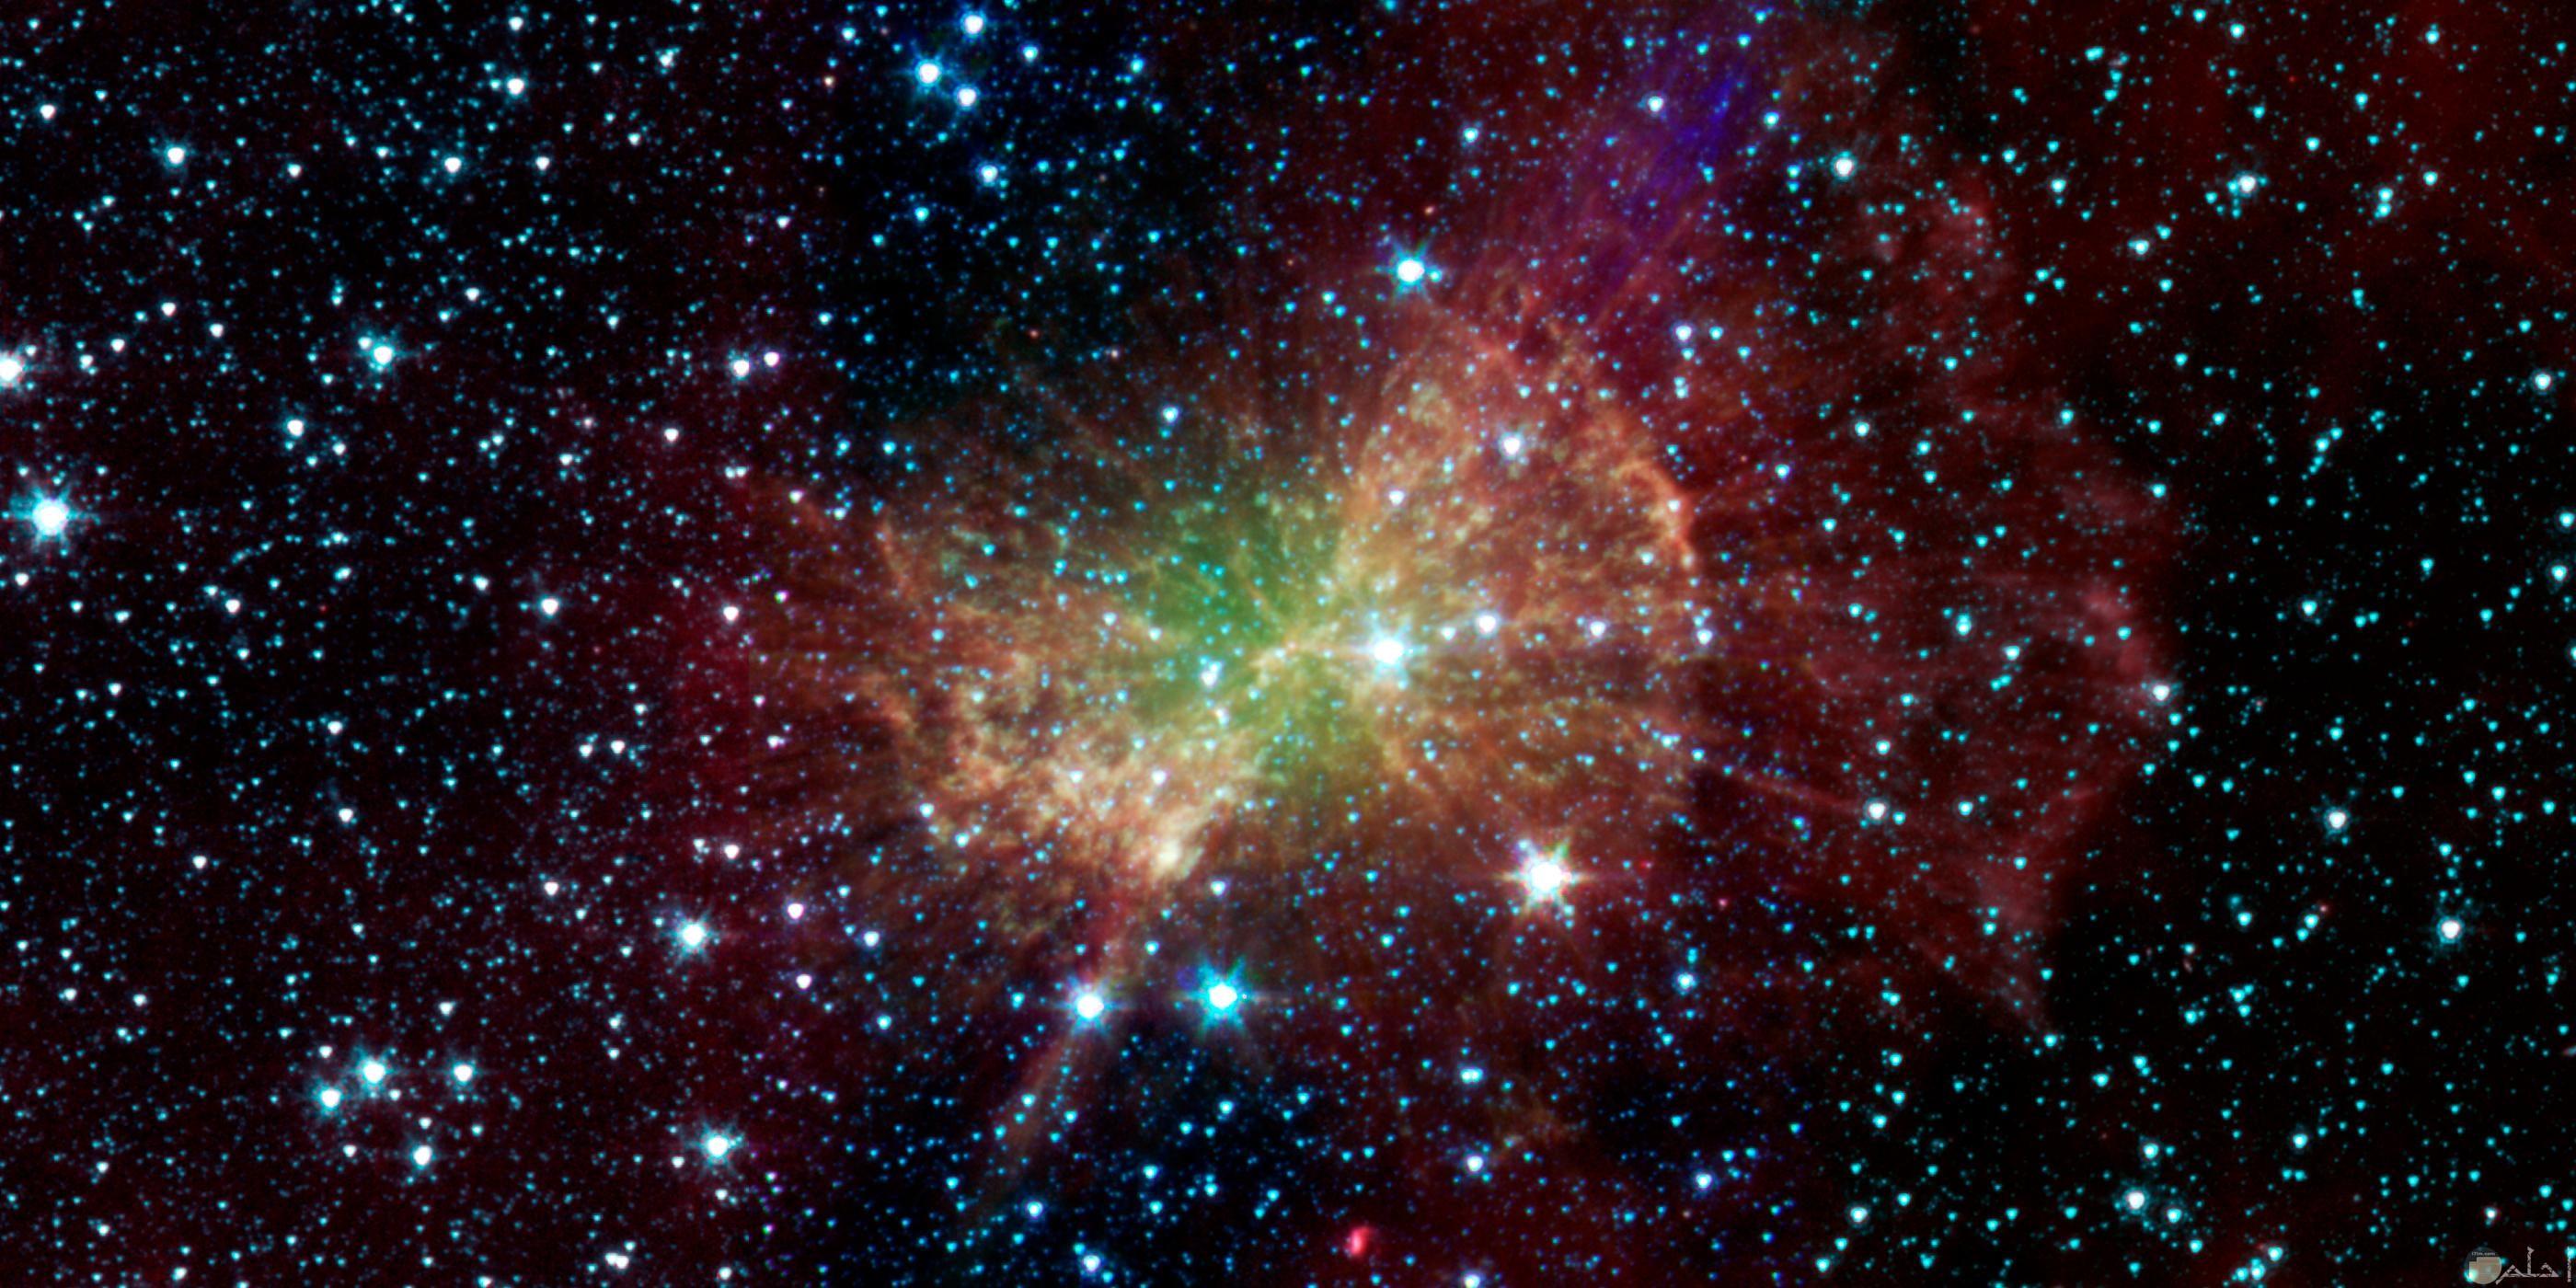 صورة جميلة توضح النجوم مضيئة بشكل كبير في الفضاء